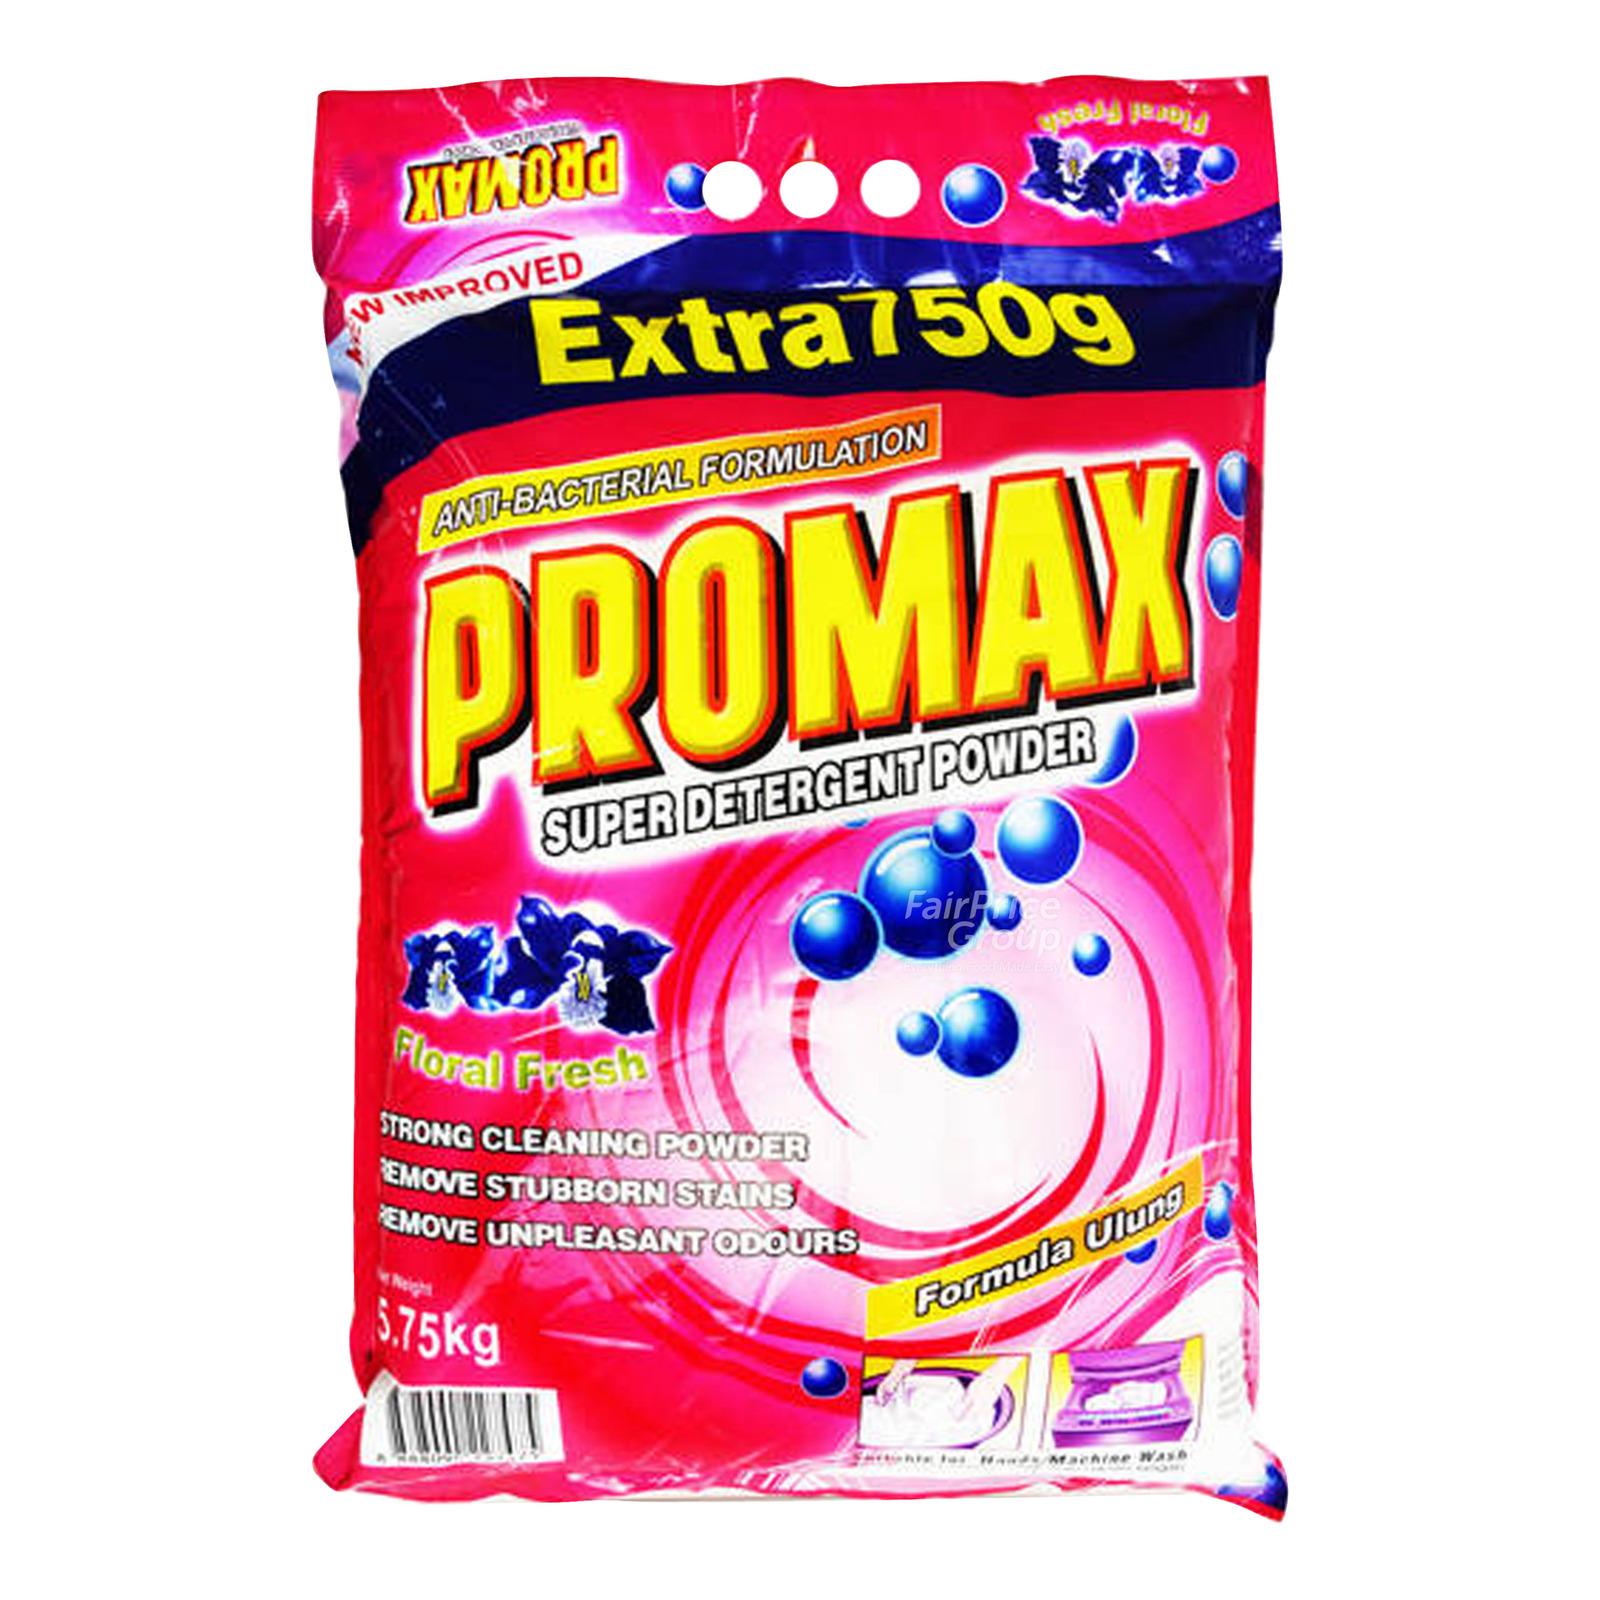 Promax Super Detergent Powder - Floral Fresh